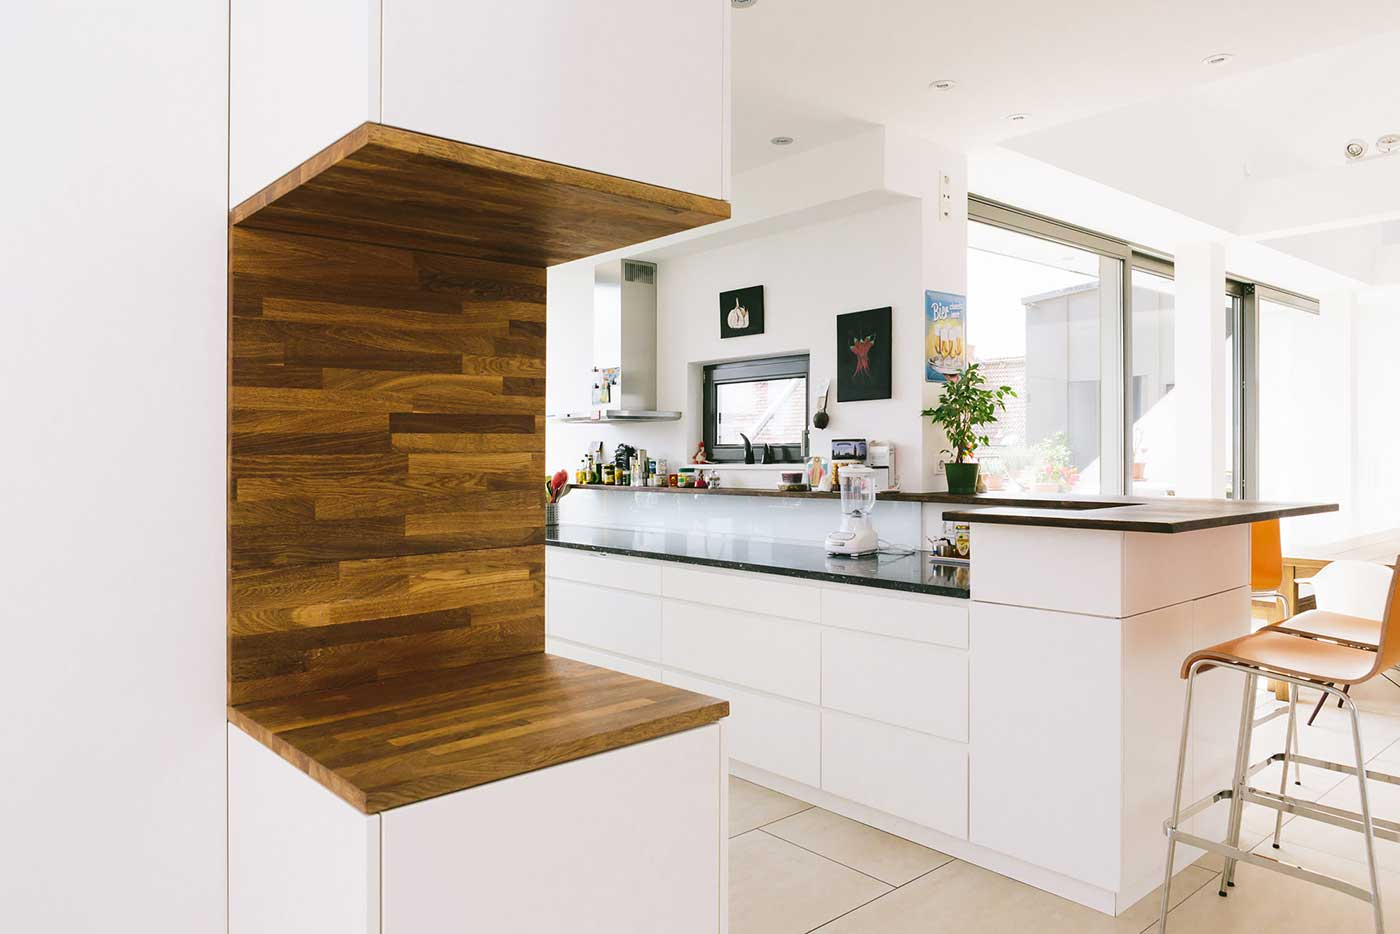 Innenausstattung wohnung  Moderne Wohnung - Fischerplan